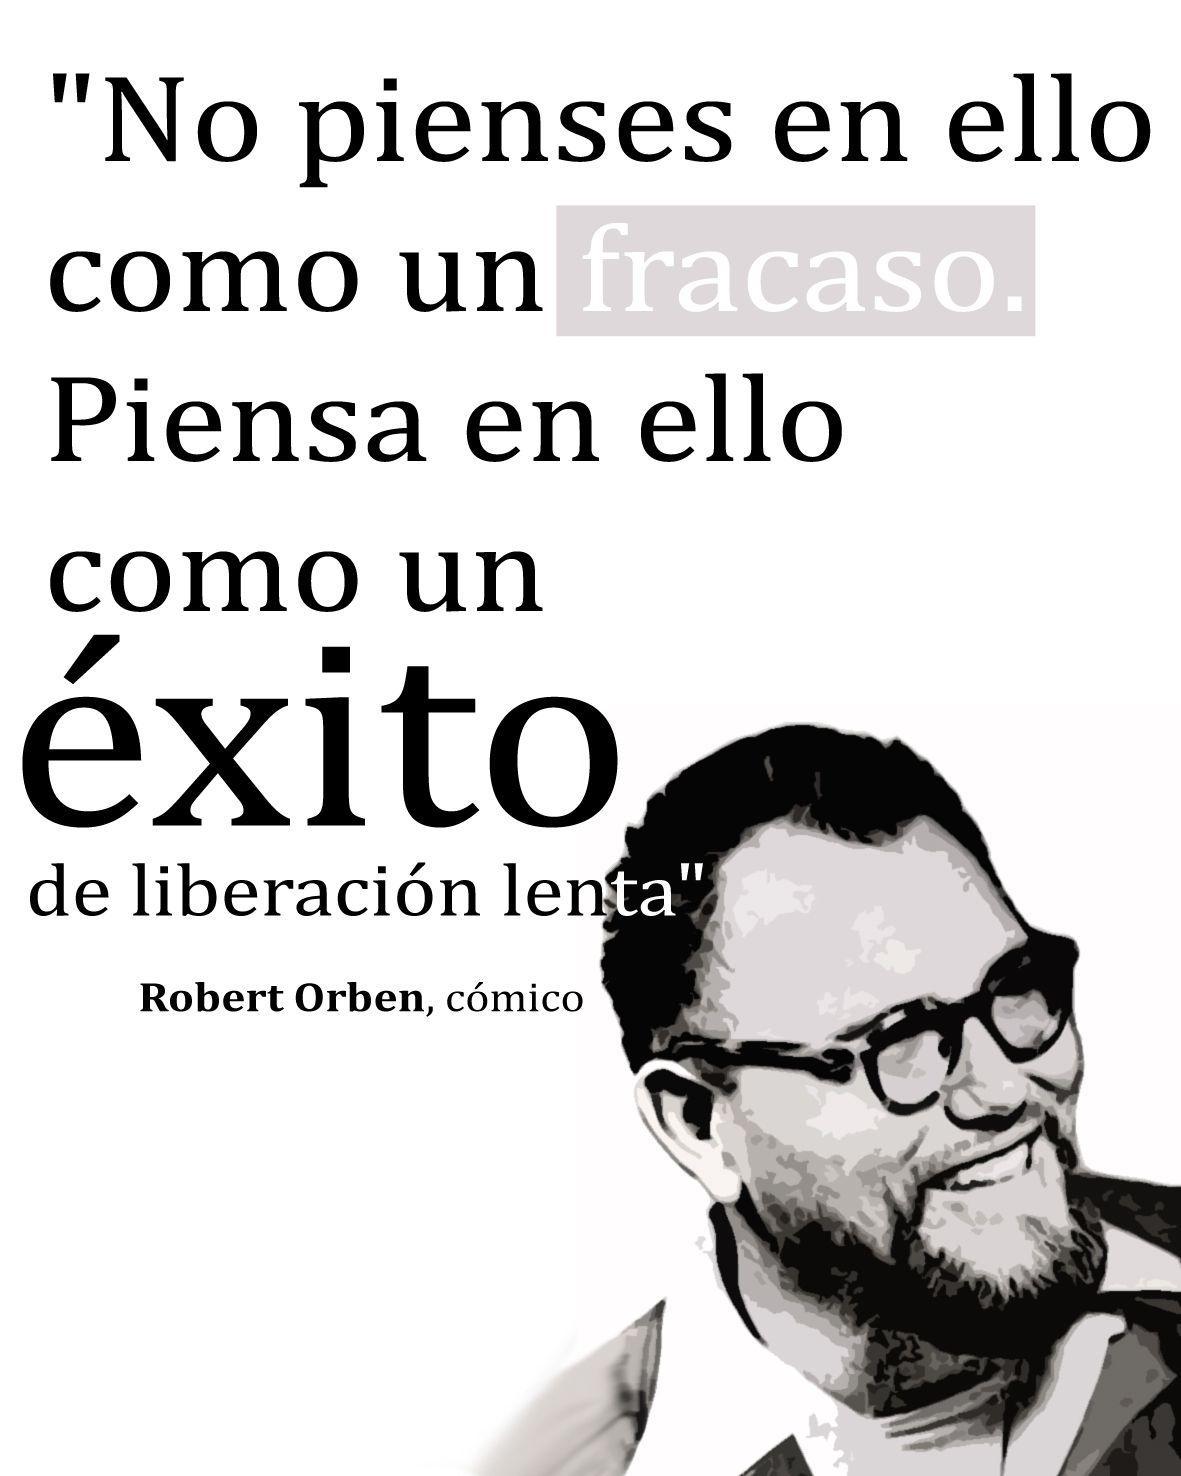 El éxito, según Robert Orben